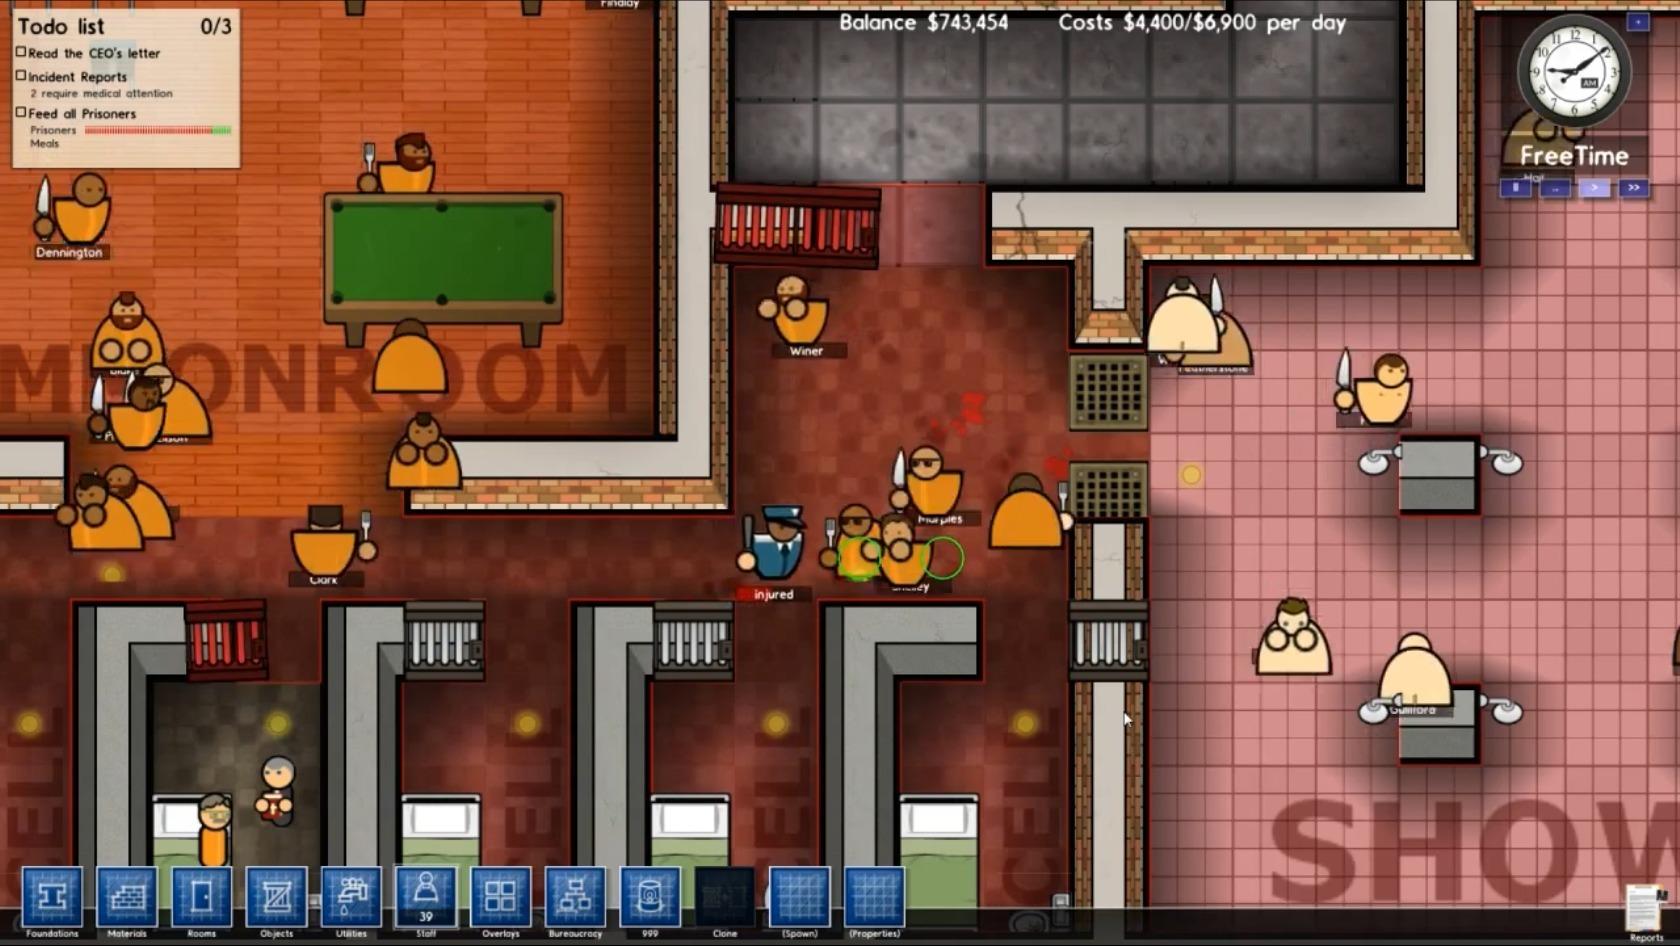 《监狱建筑师》steam夏促期间大赚2500万美金